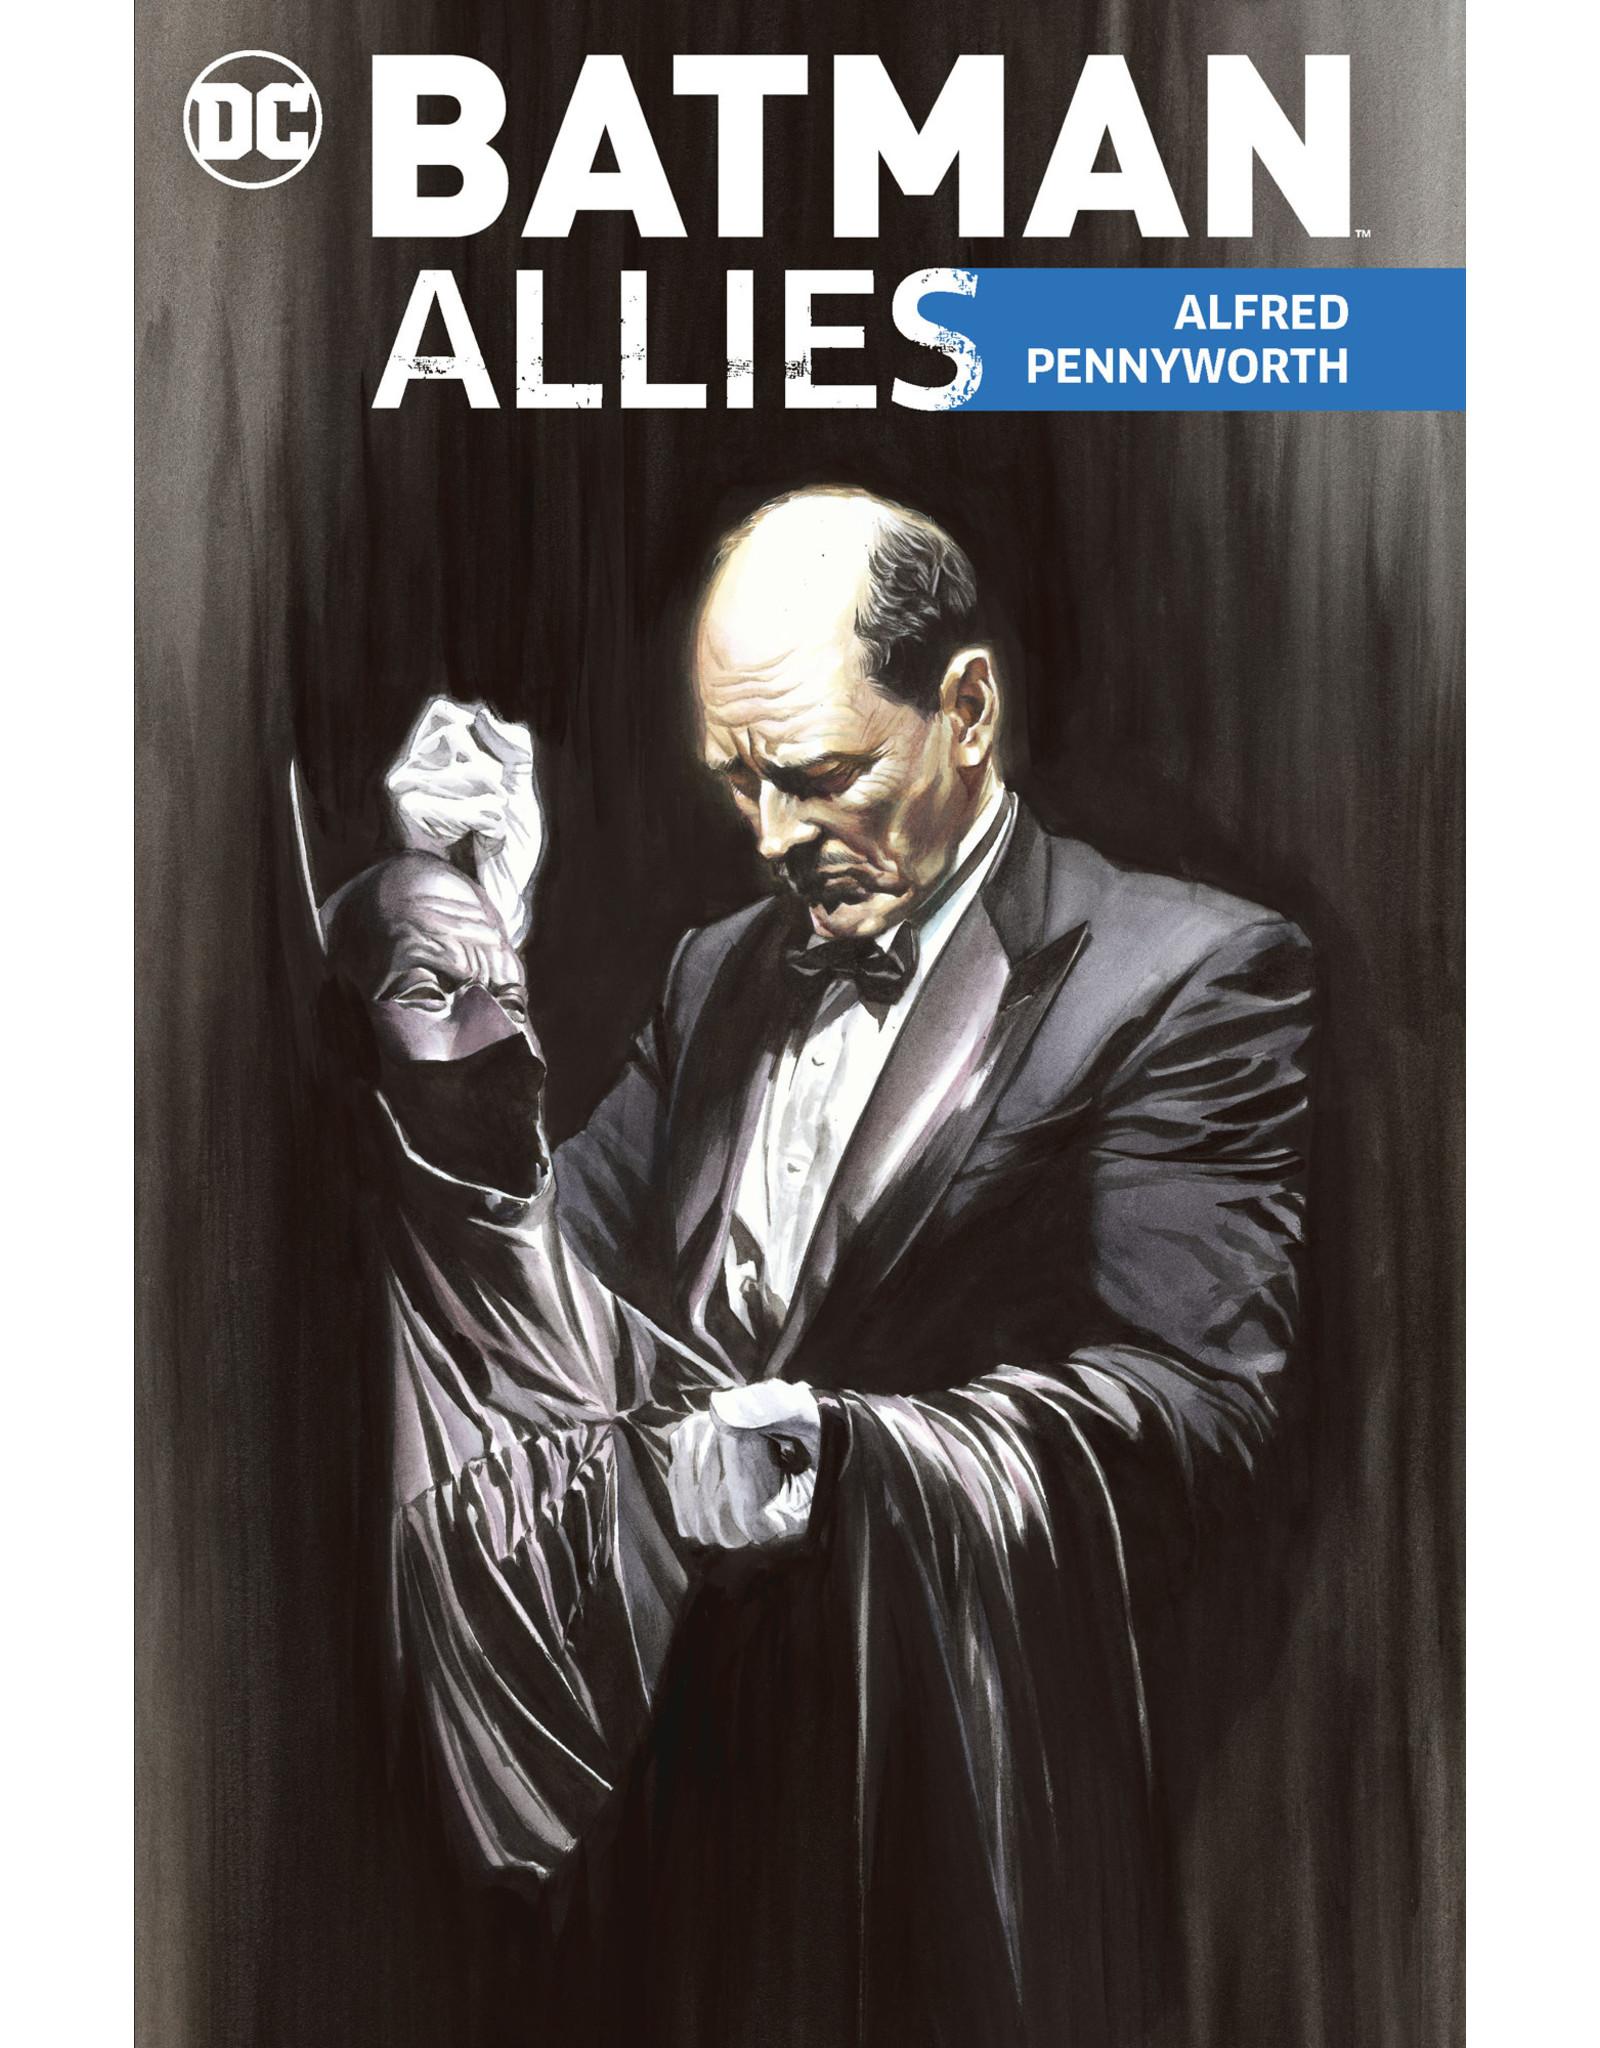 DC COMICS BATMAN ALFRED PENNYWORTH TP